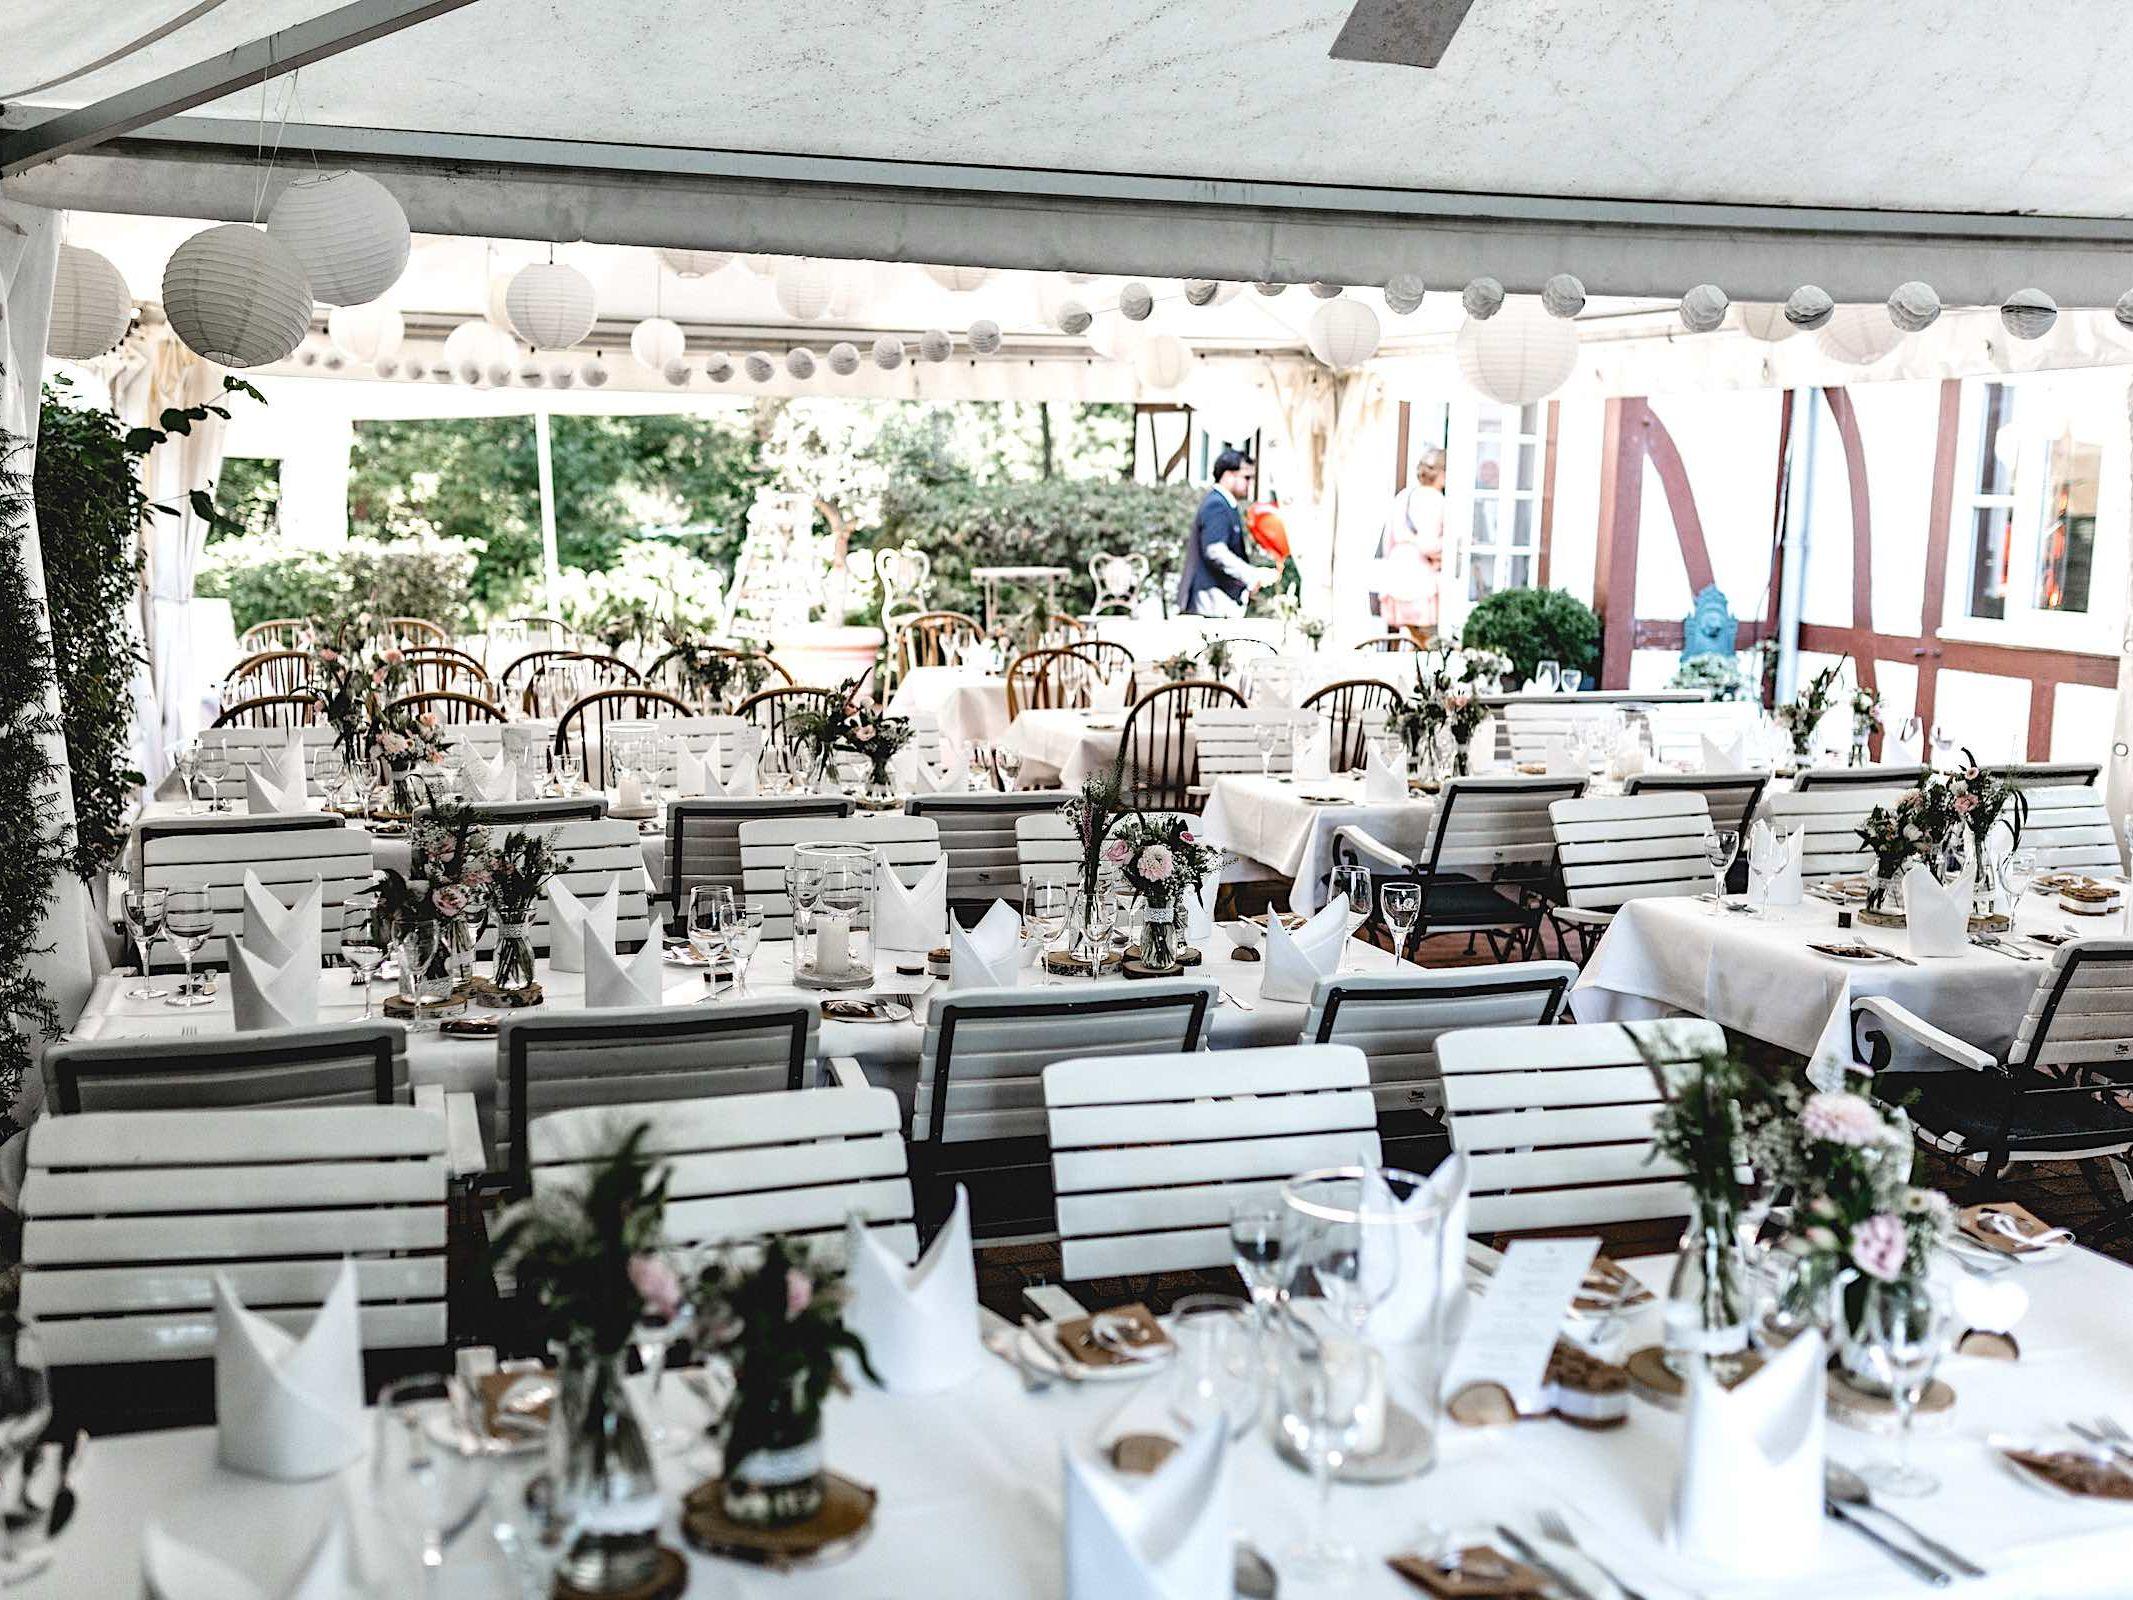 Berggasthaus | Niedersachsen | Hochzeit | Firmenfeier | Geburtstag | Feiern | Locations | DJ | Hochzeit | Dekoration | Tisch | Fotograf | Hochzeitsplanung | Hochzeitsplaner | Referenz | Lehmann | Eventservice